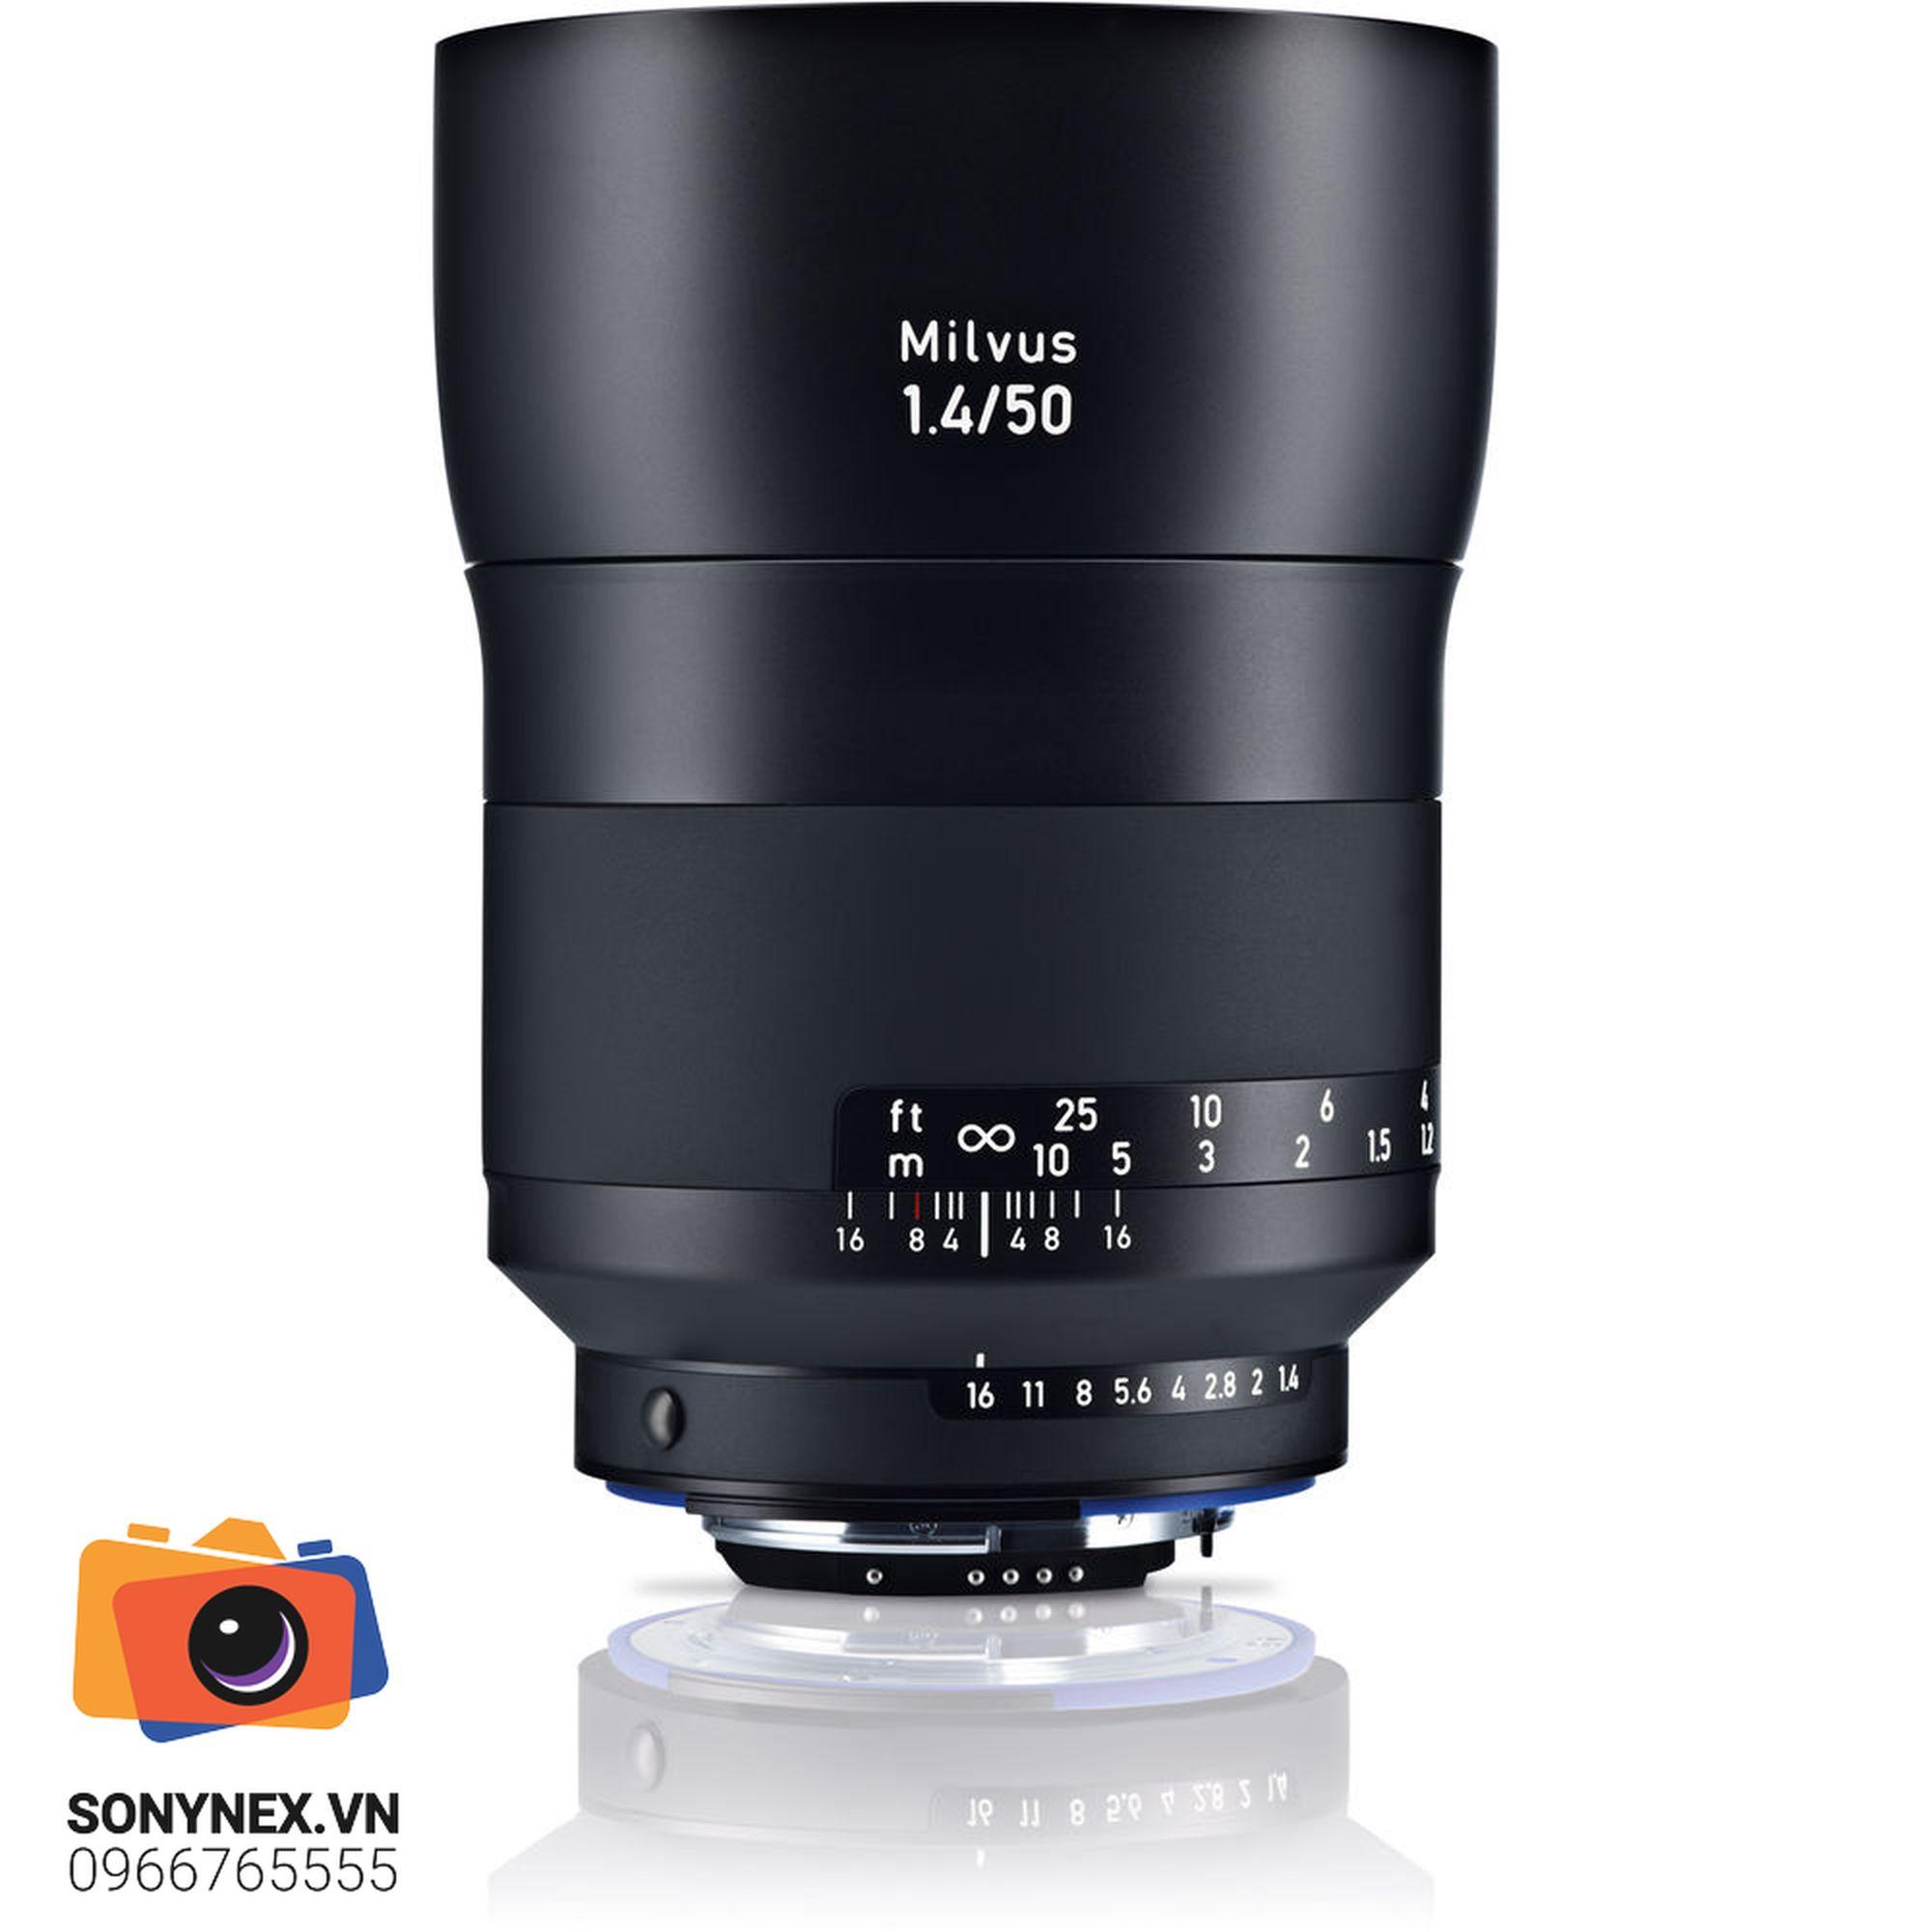 ZeissMilvus 50mm f/1.4 ZF.2 for Nikon F   Chính hãng